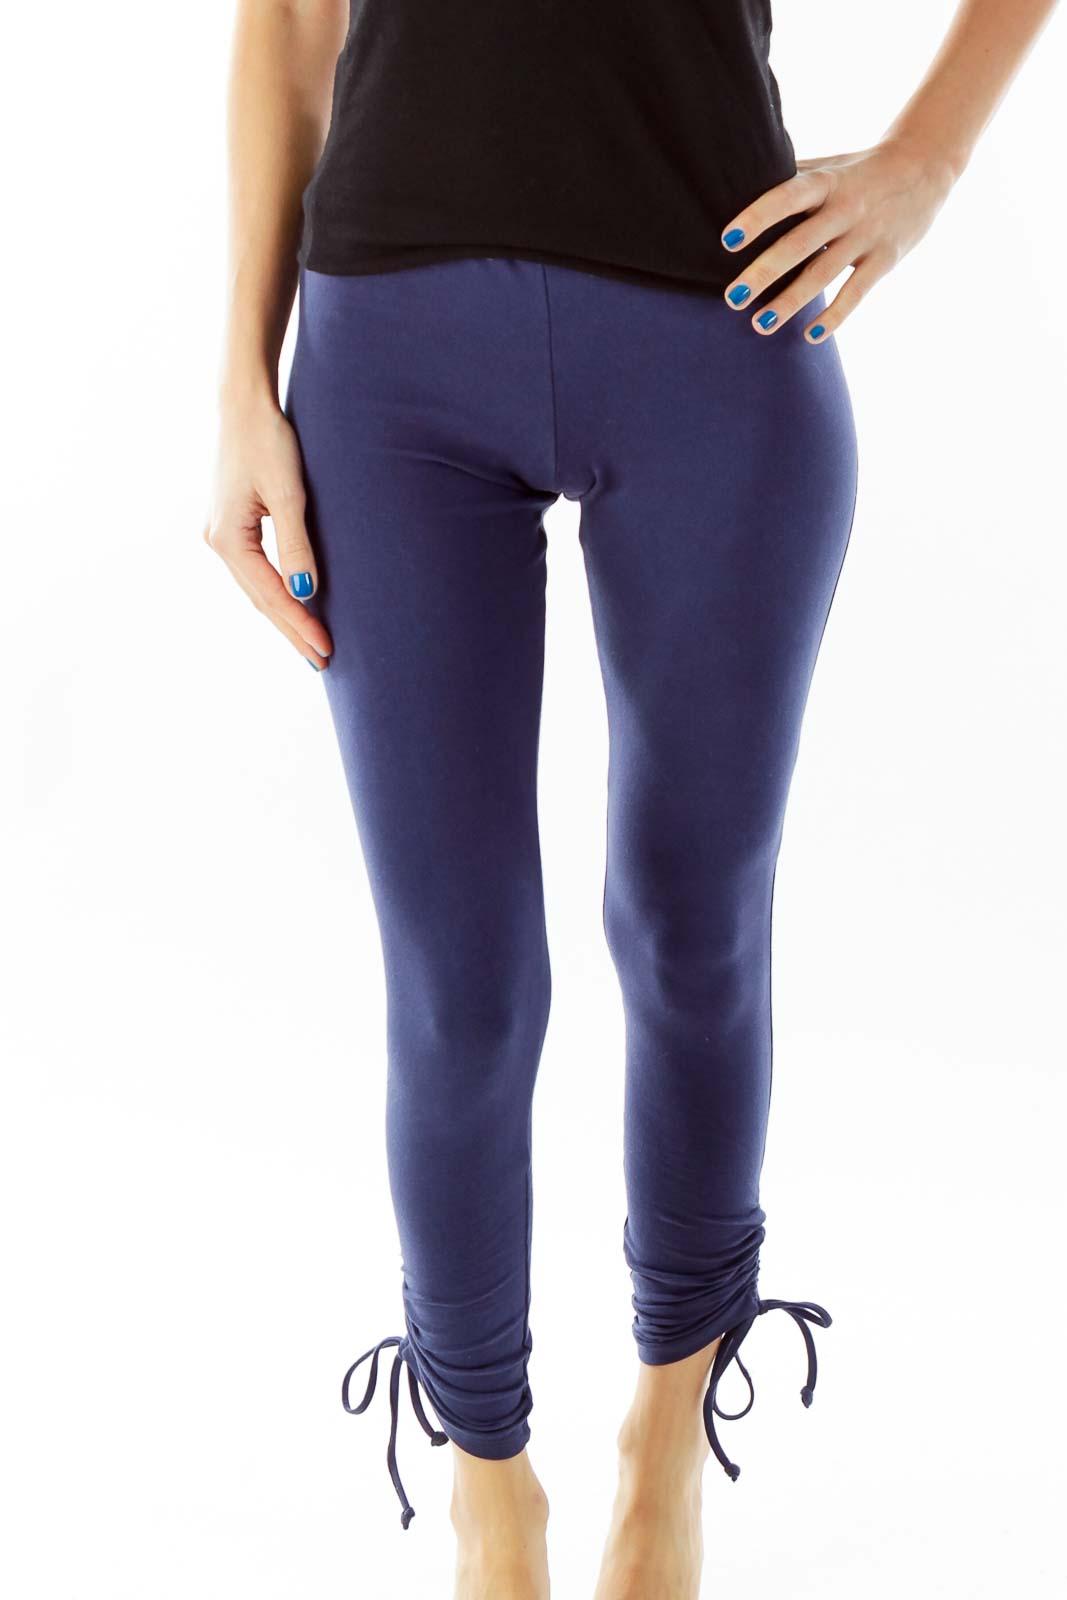 Blue Yoga Pants Front